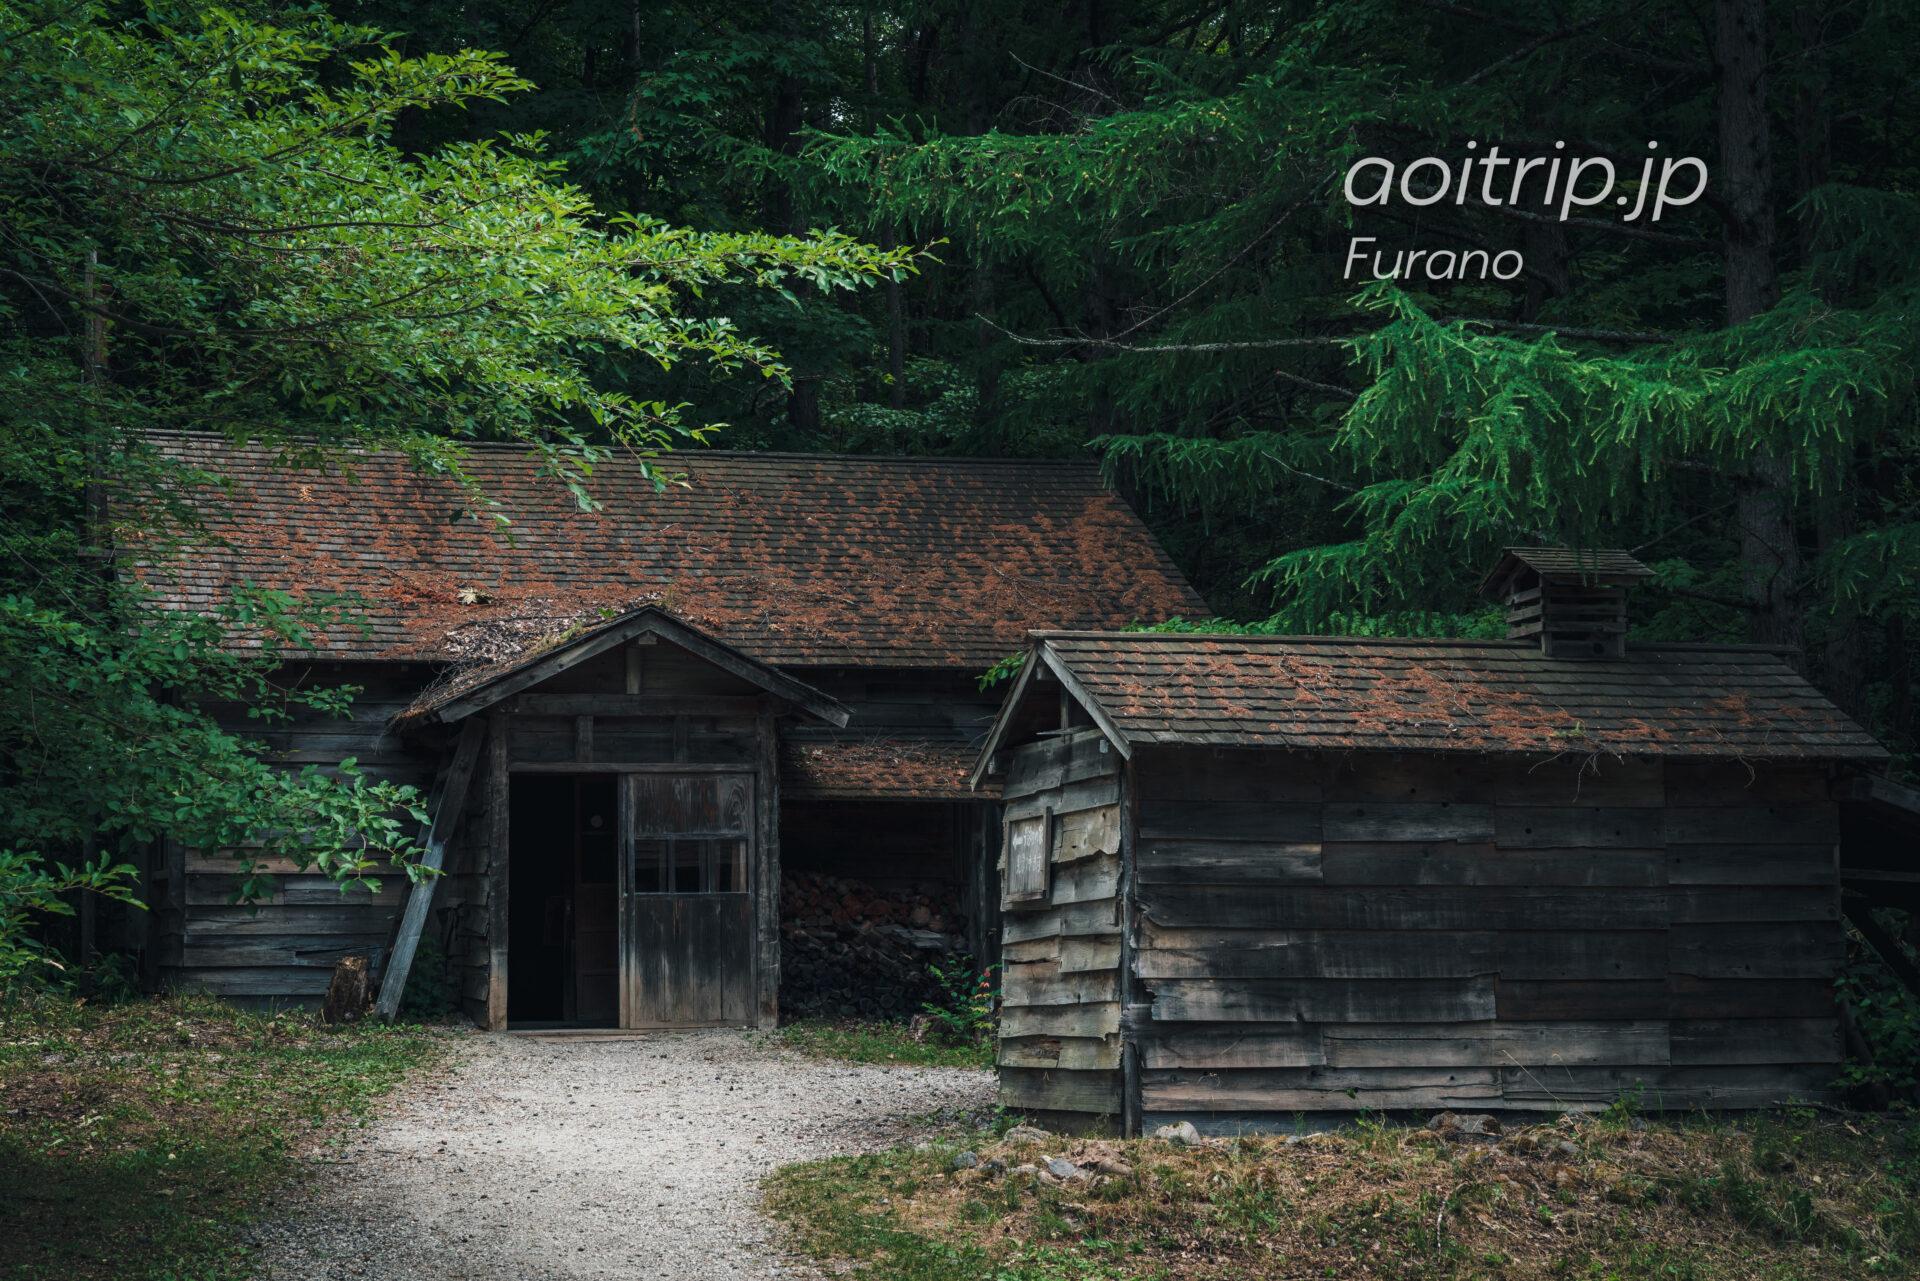 『北の国から』ロケ地巡り 五郎の最初の家